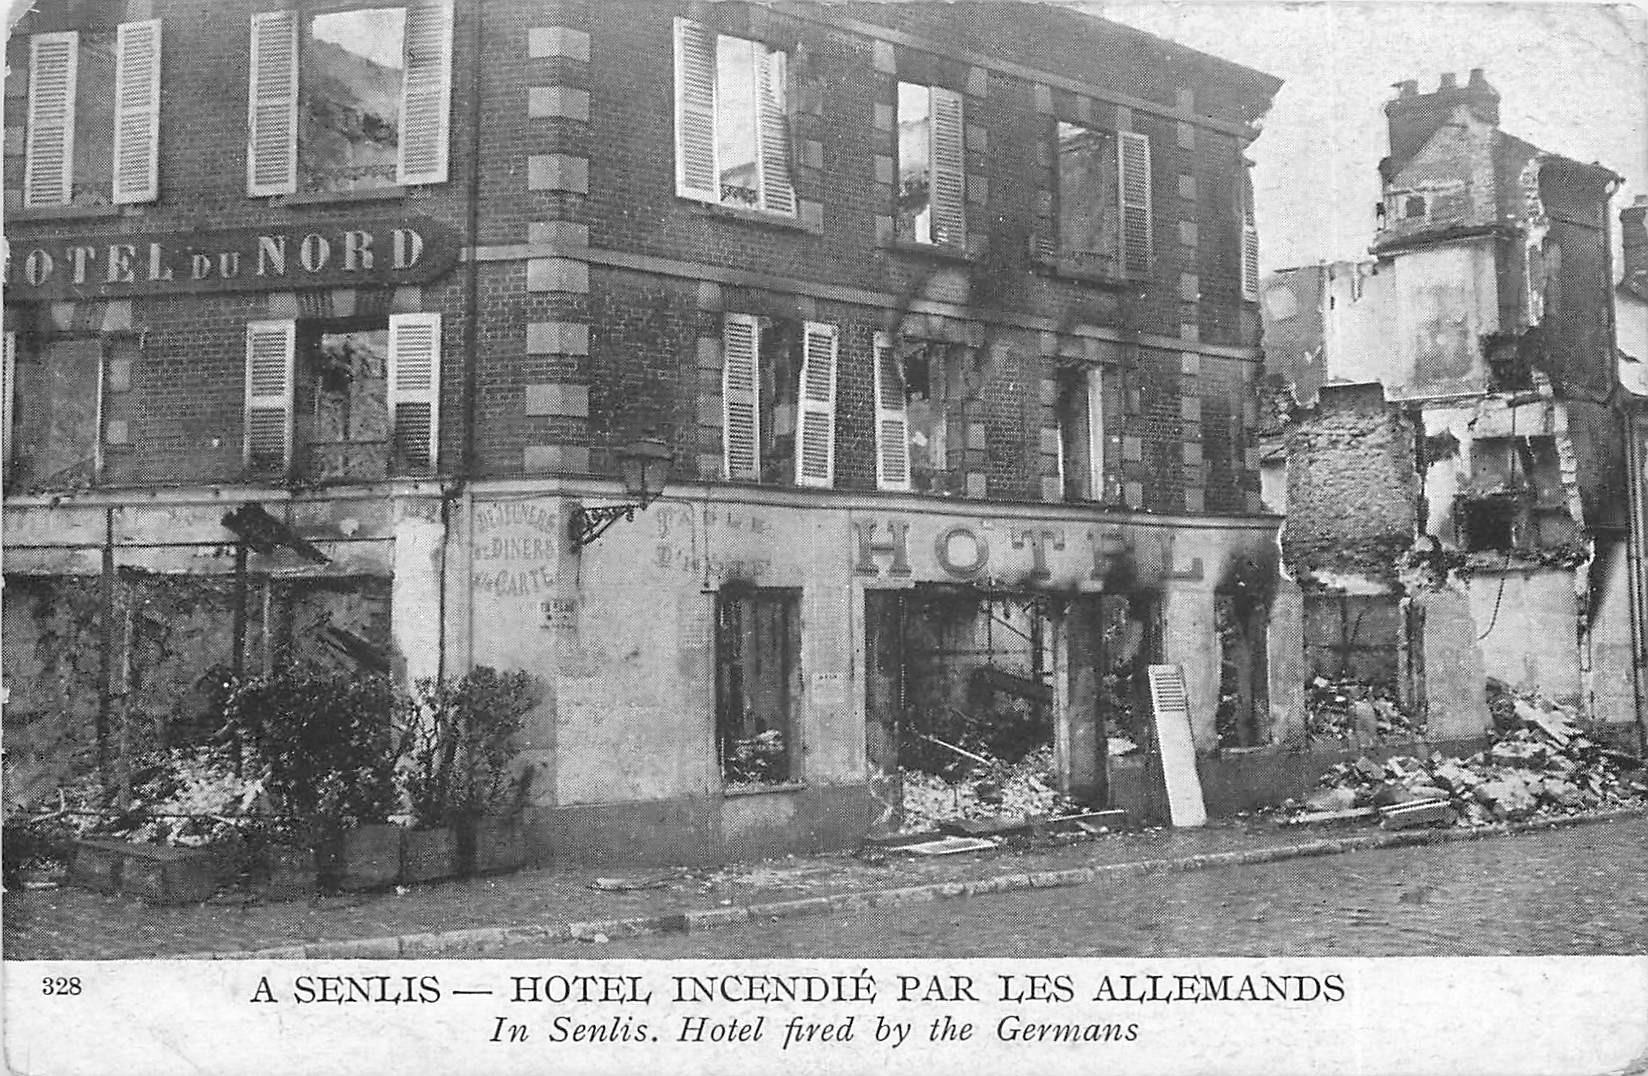 60 SENLIS. Promotion : incendie Hôtel du Nord